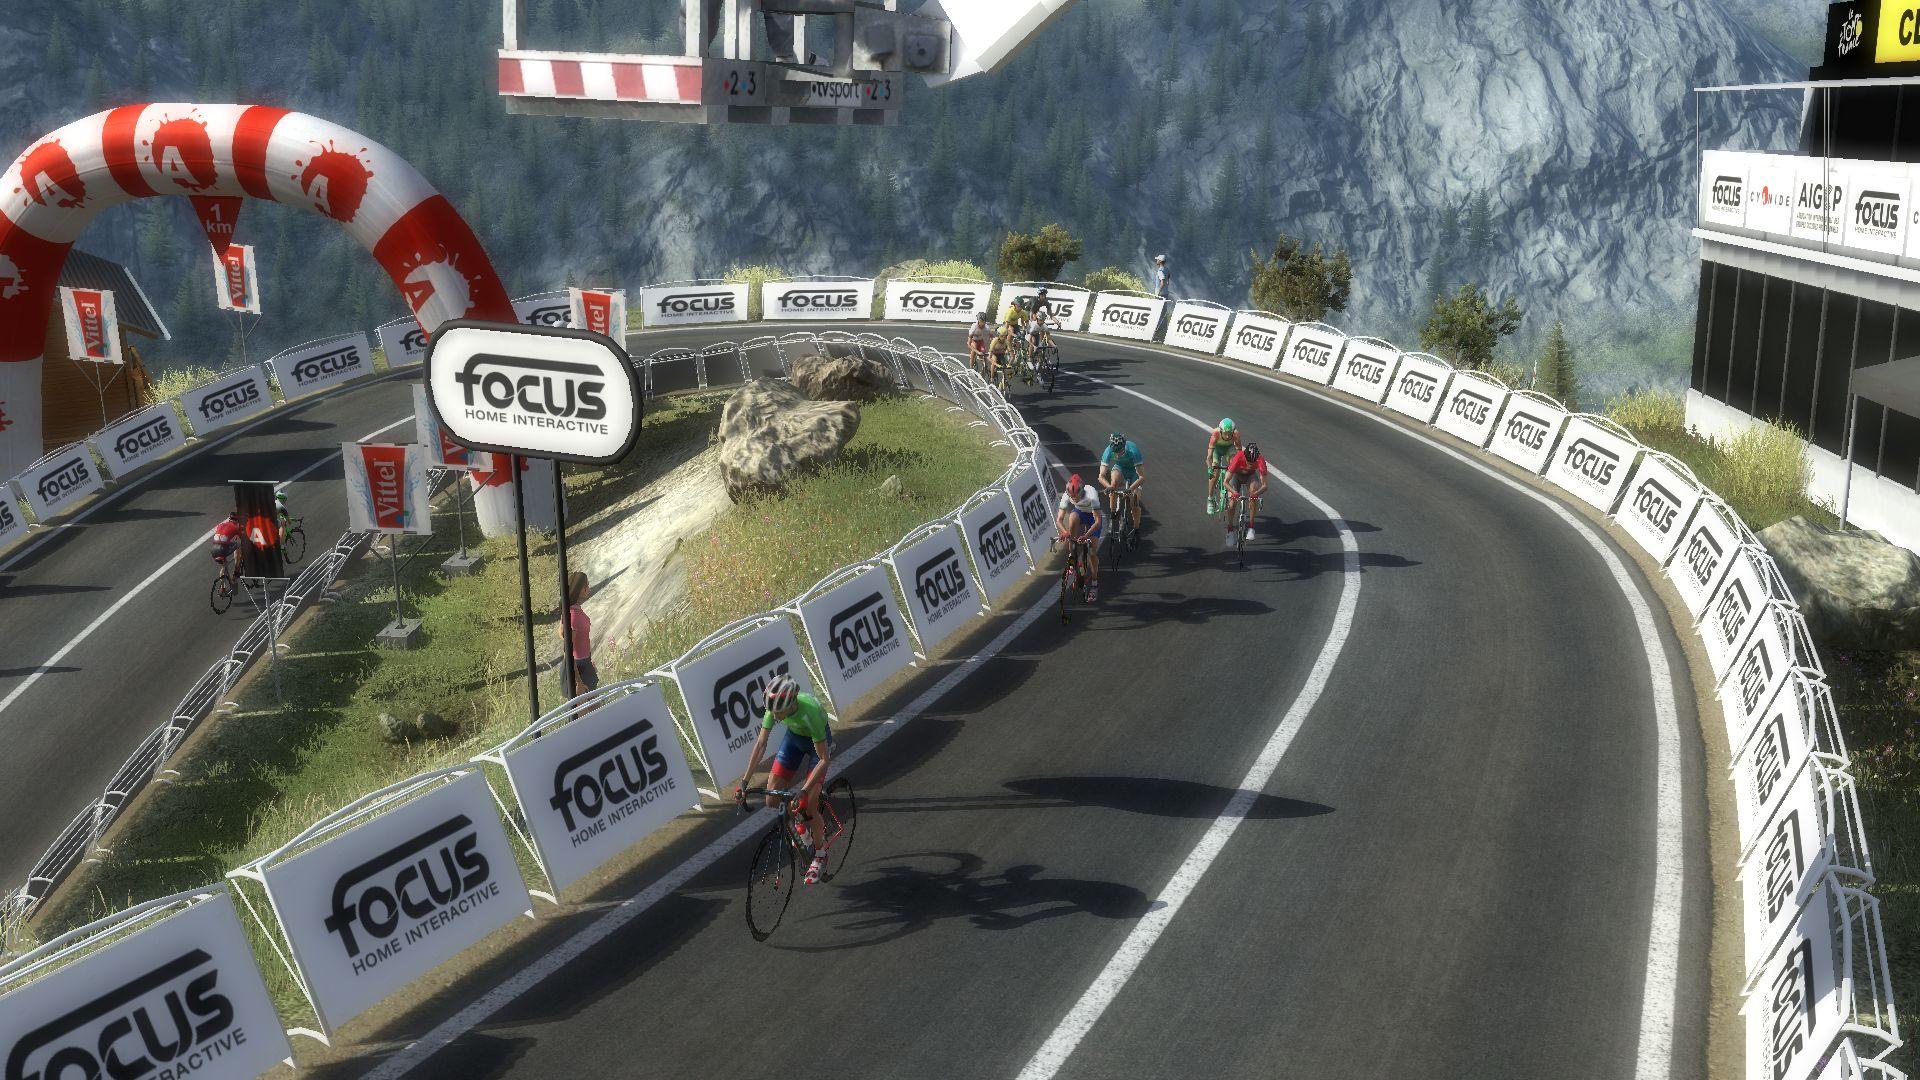 pcmdaily.com/images/mg/2020/Reports/C1/Andorra/TdAS5%2029.jpg